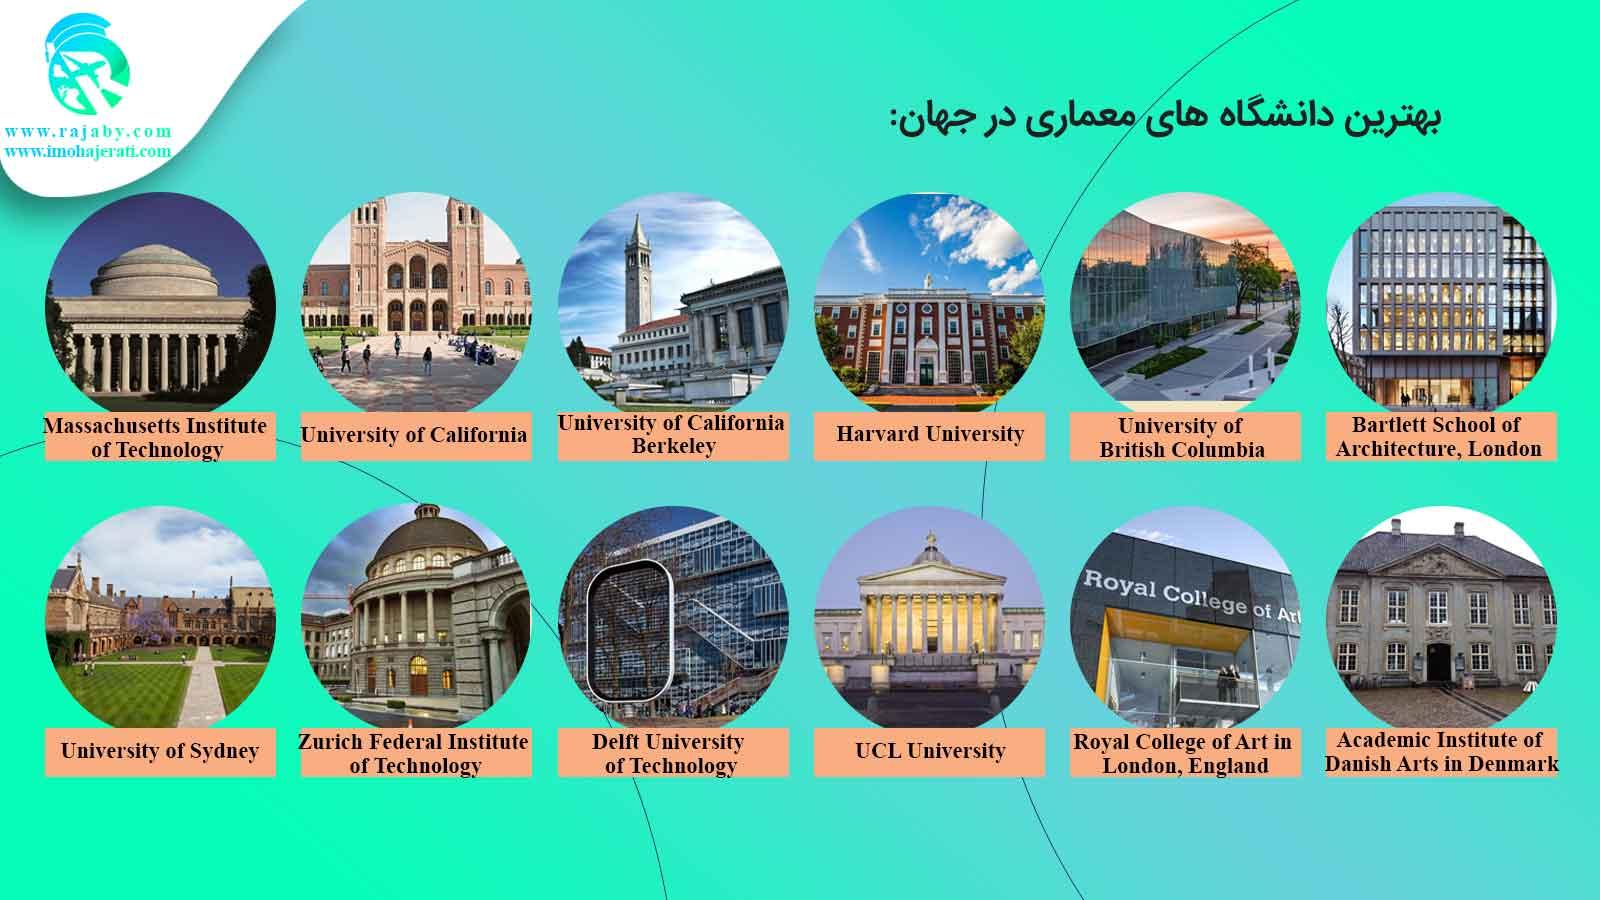 بهترین دانشگاه های معماری در جهان